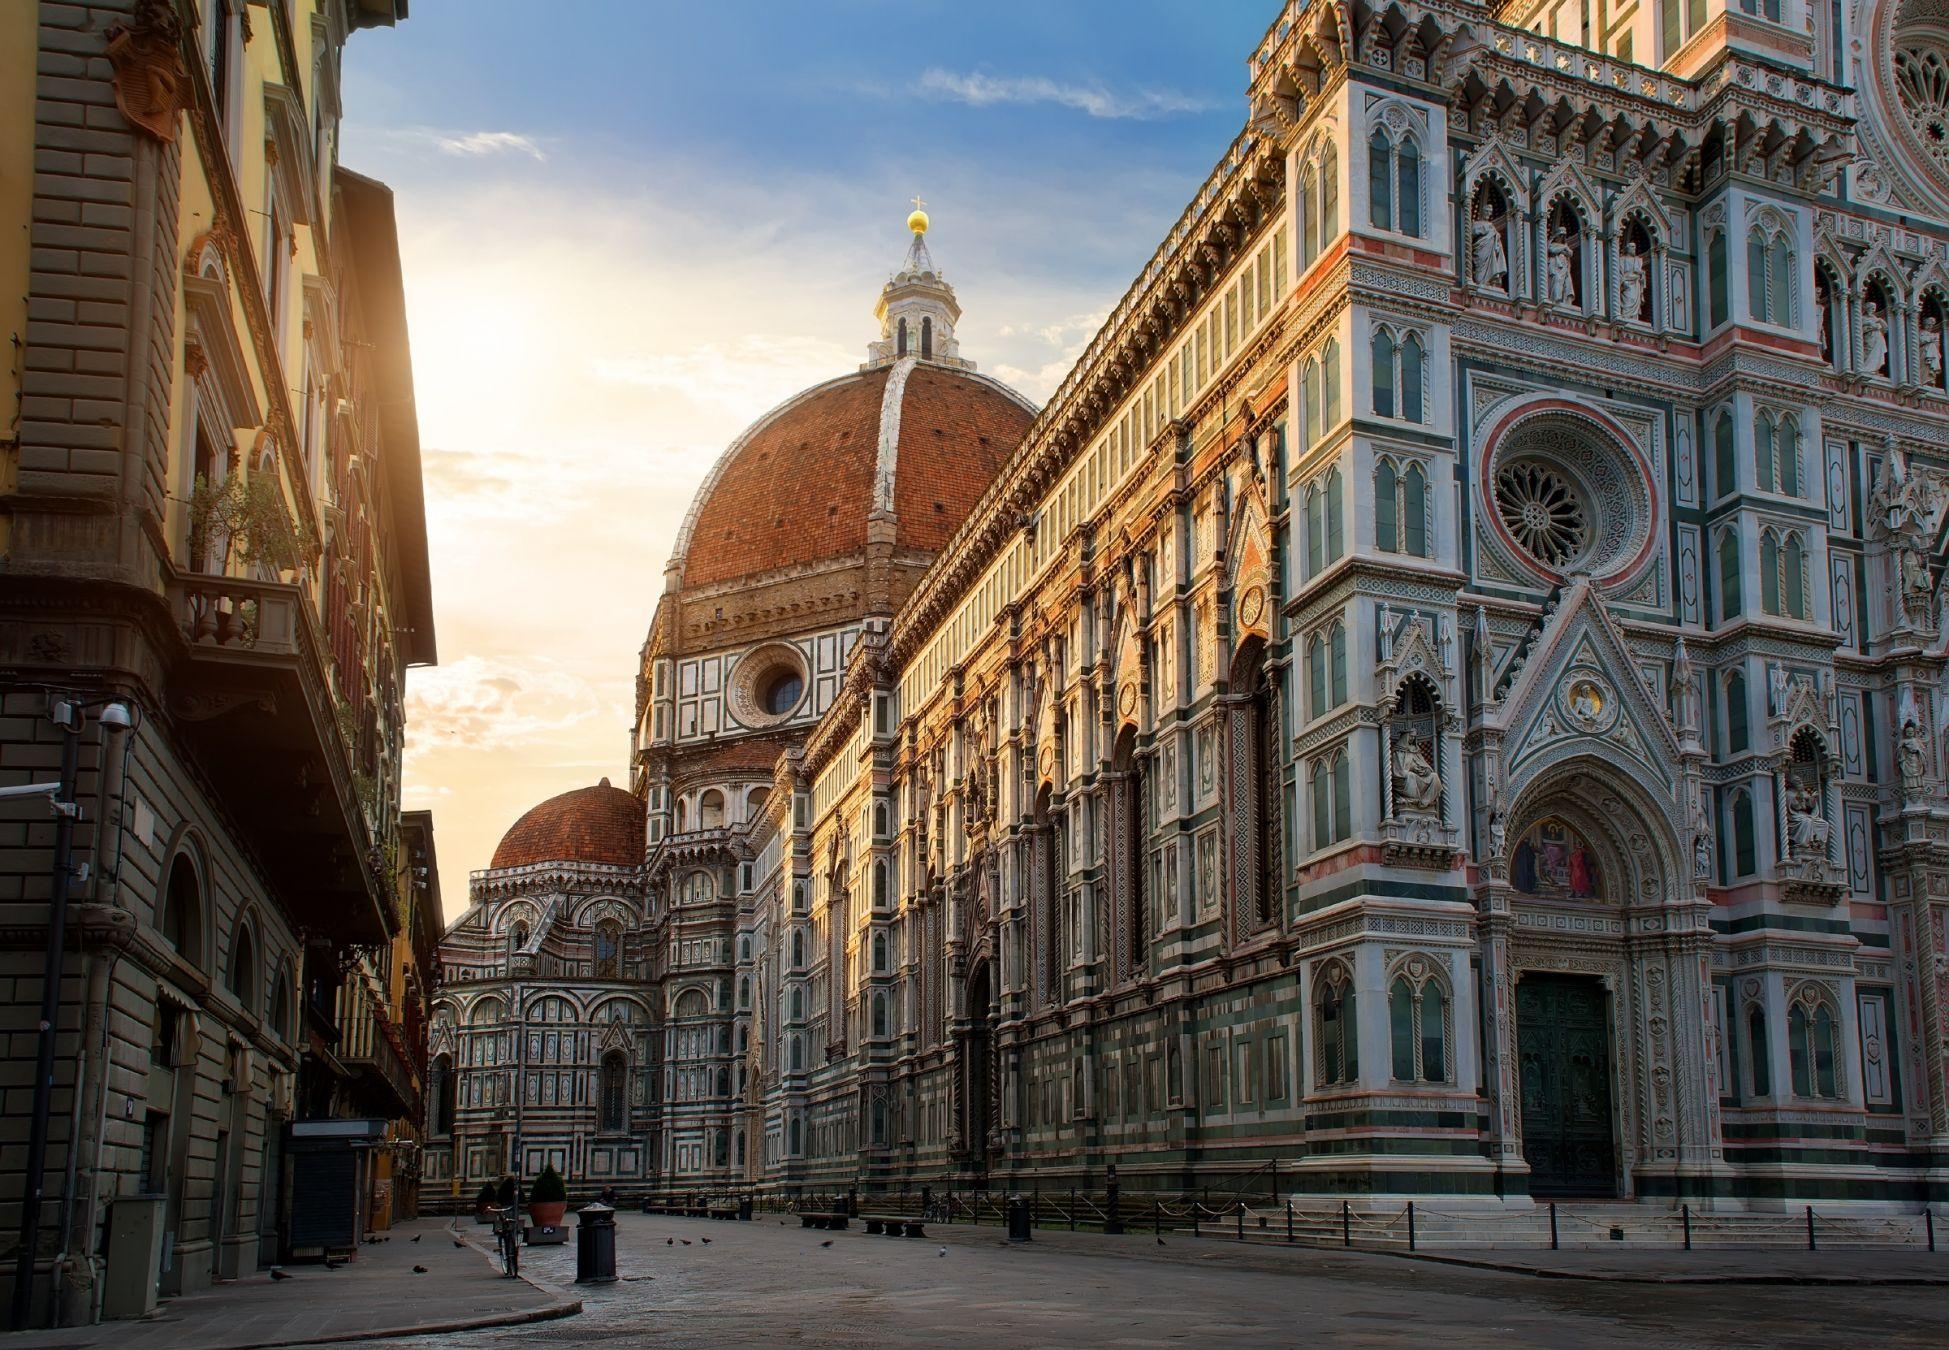 Piazza del Duomo e la Cattedrale di Santa Maria del Fiore